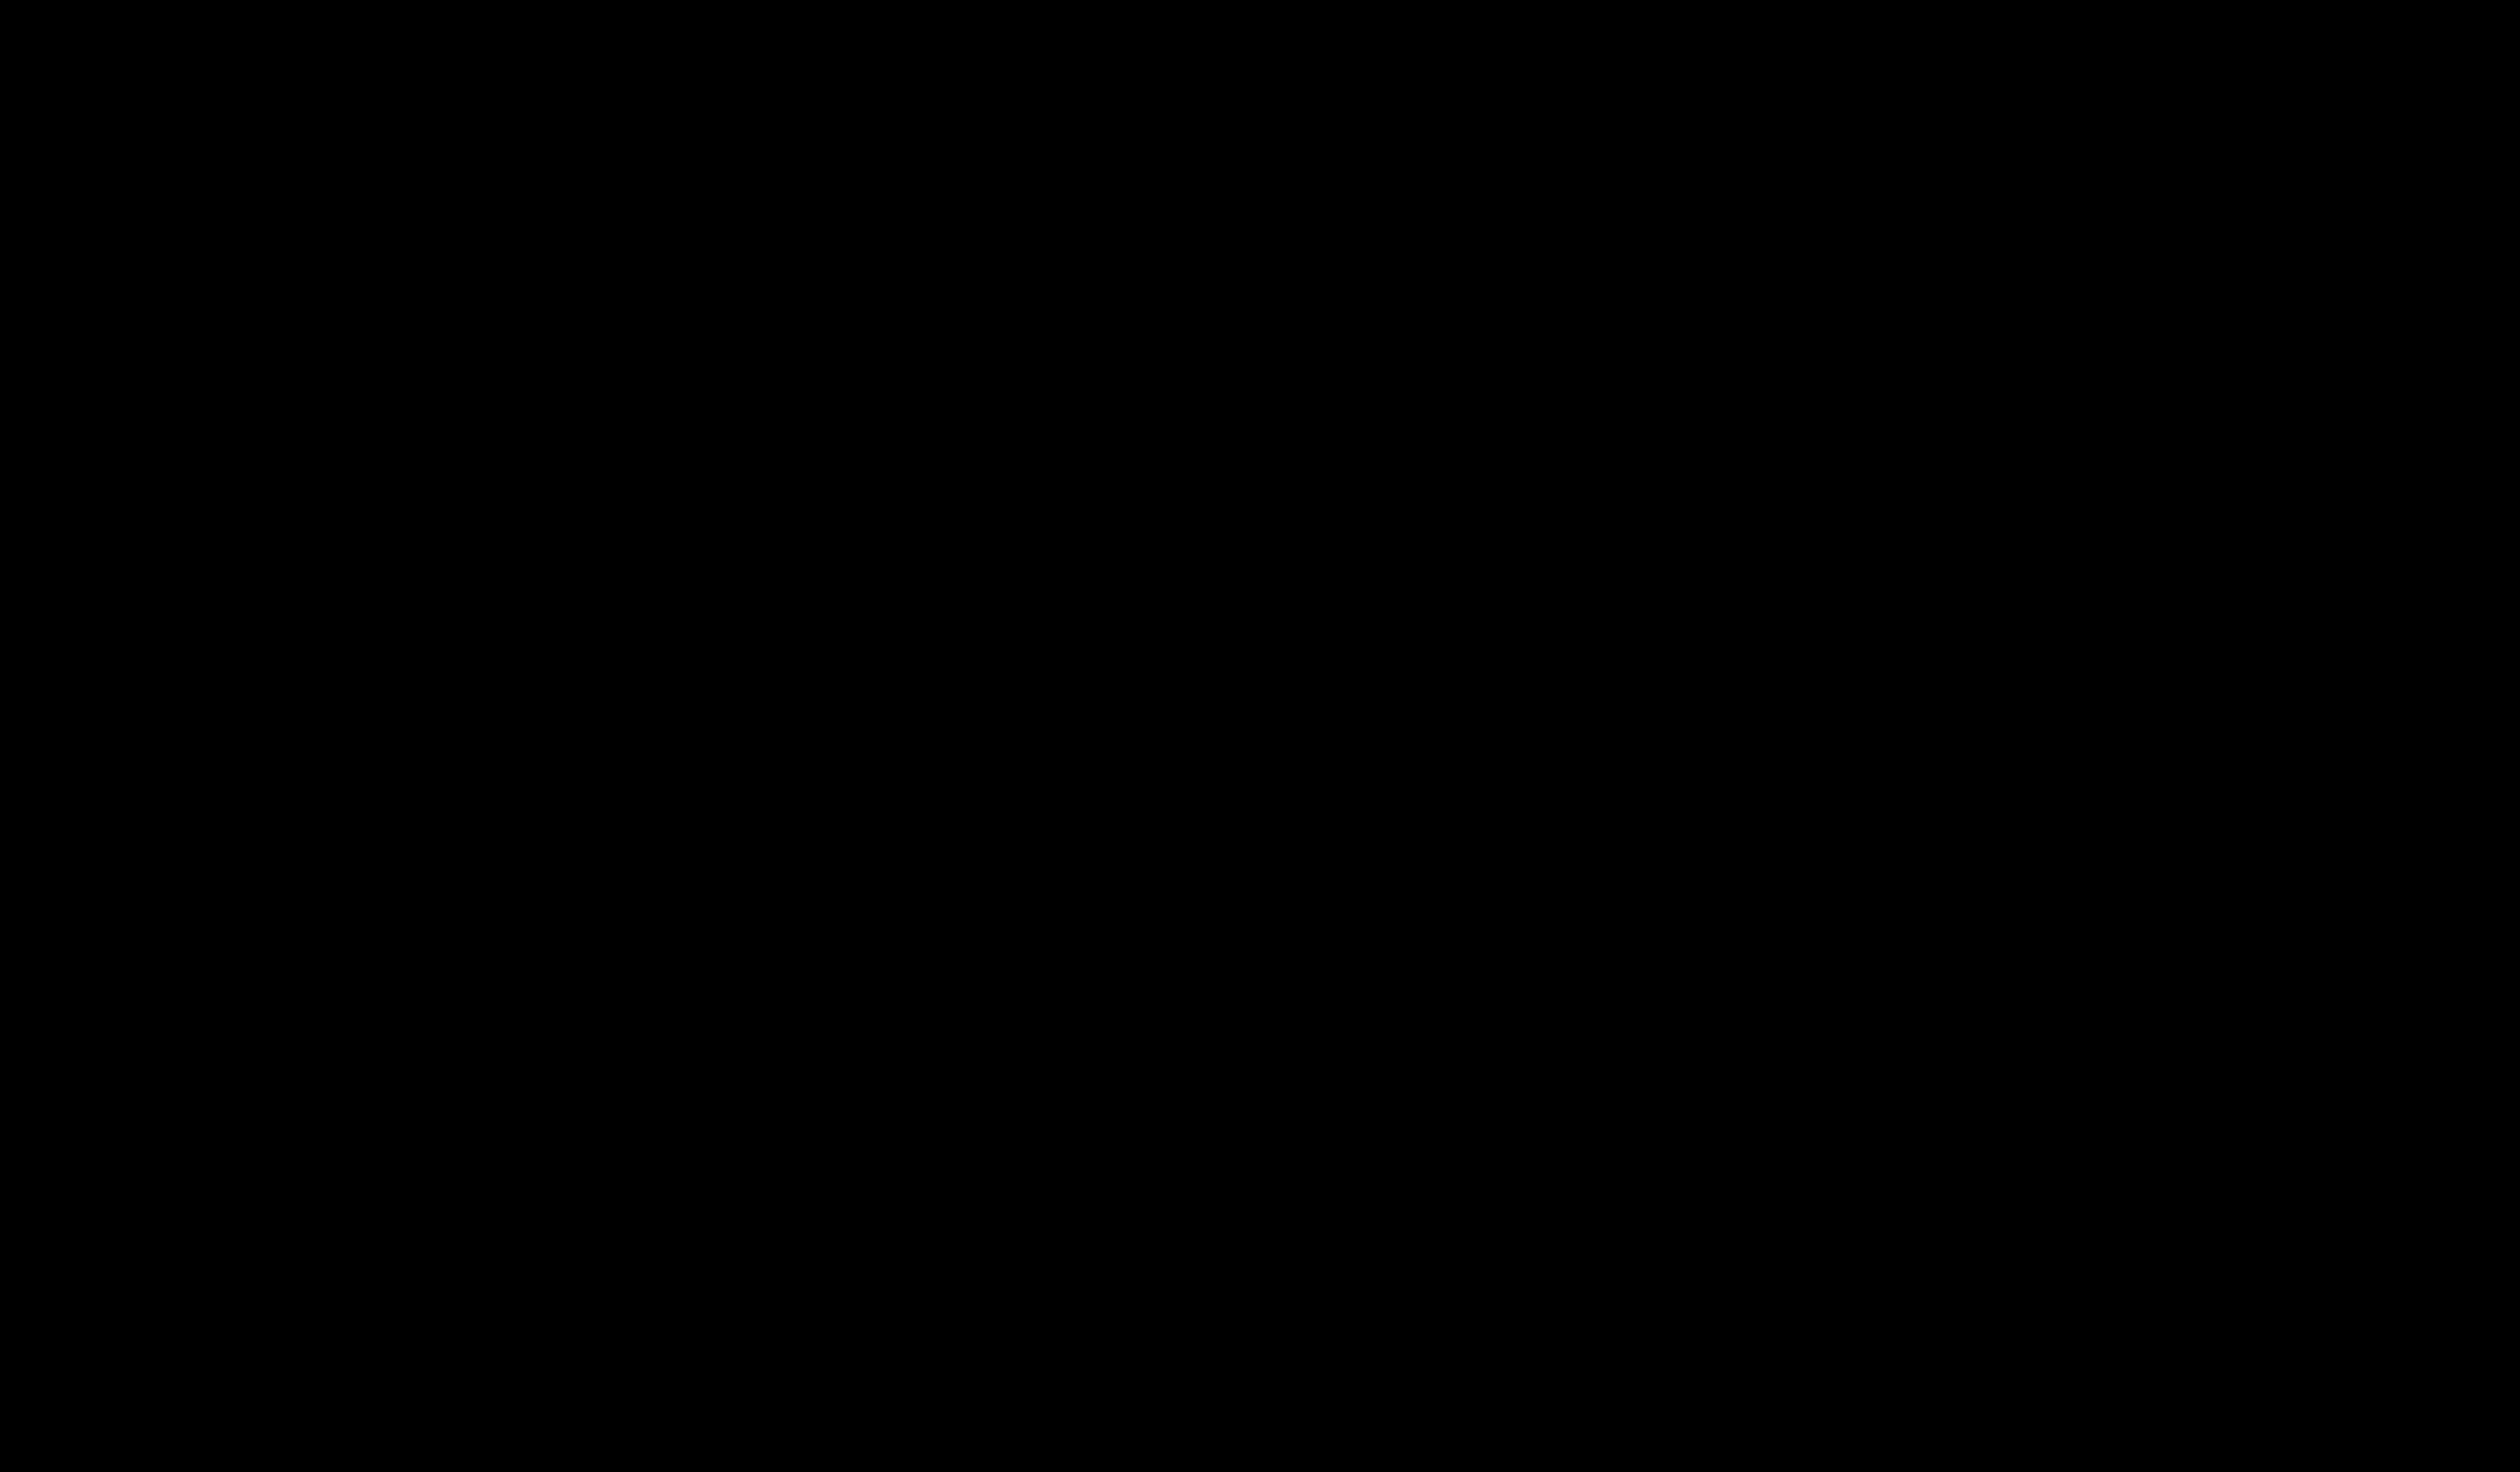 chertezh 6k kreptech